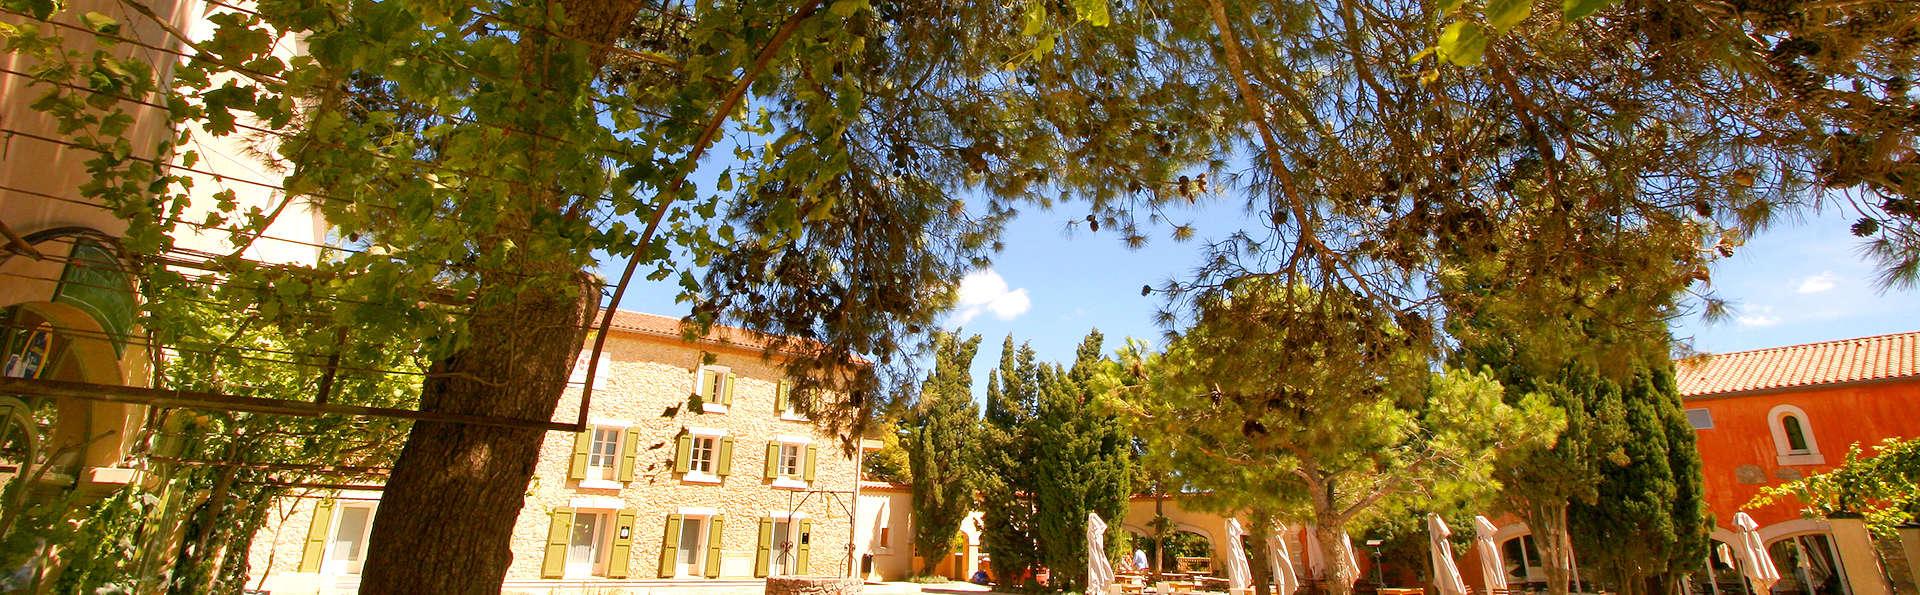 Séjour de charme et dégustation au cœur d'un vignoble près de Narbonne